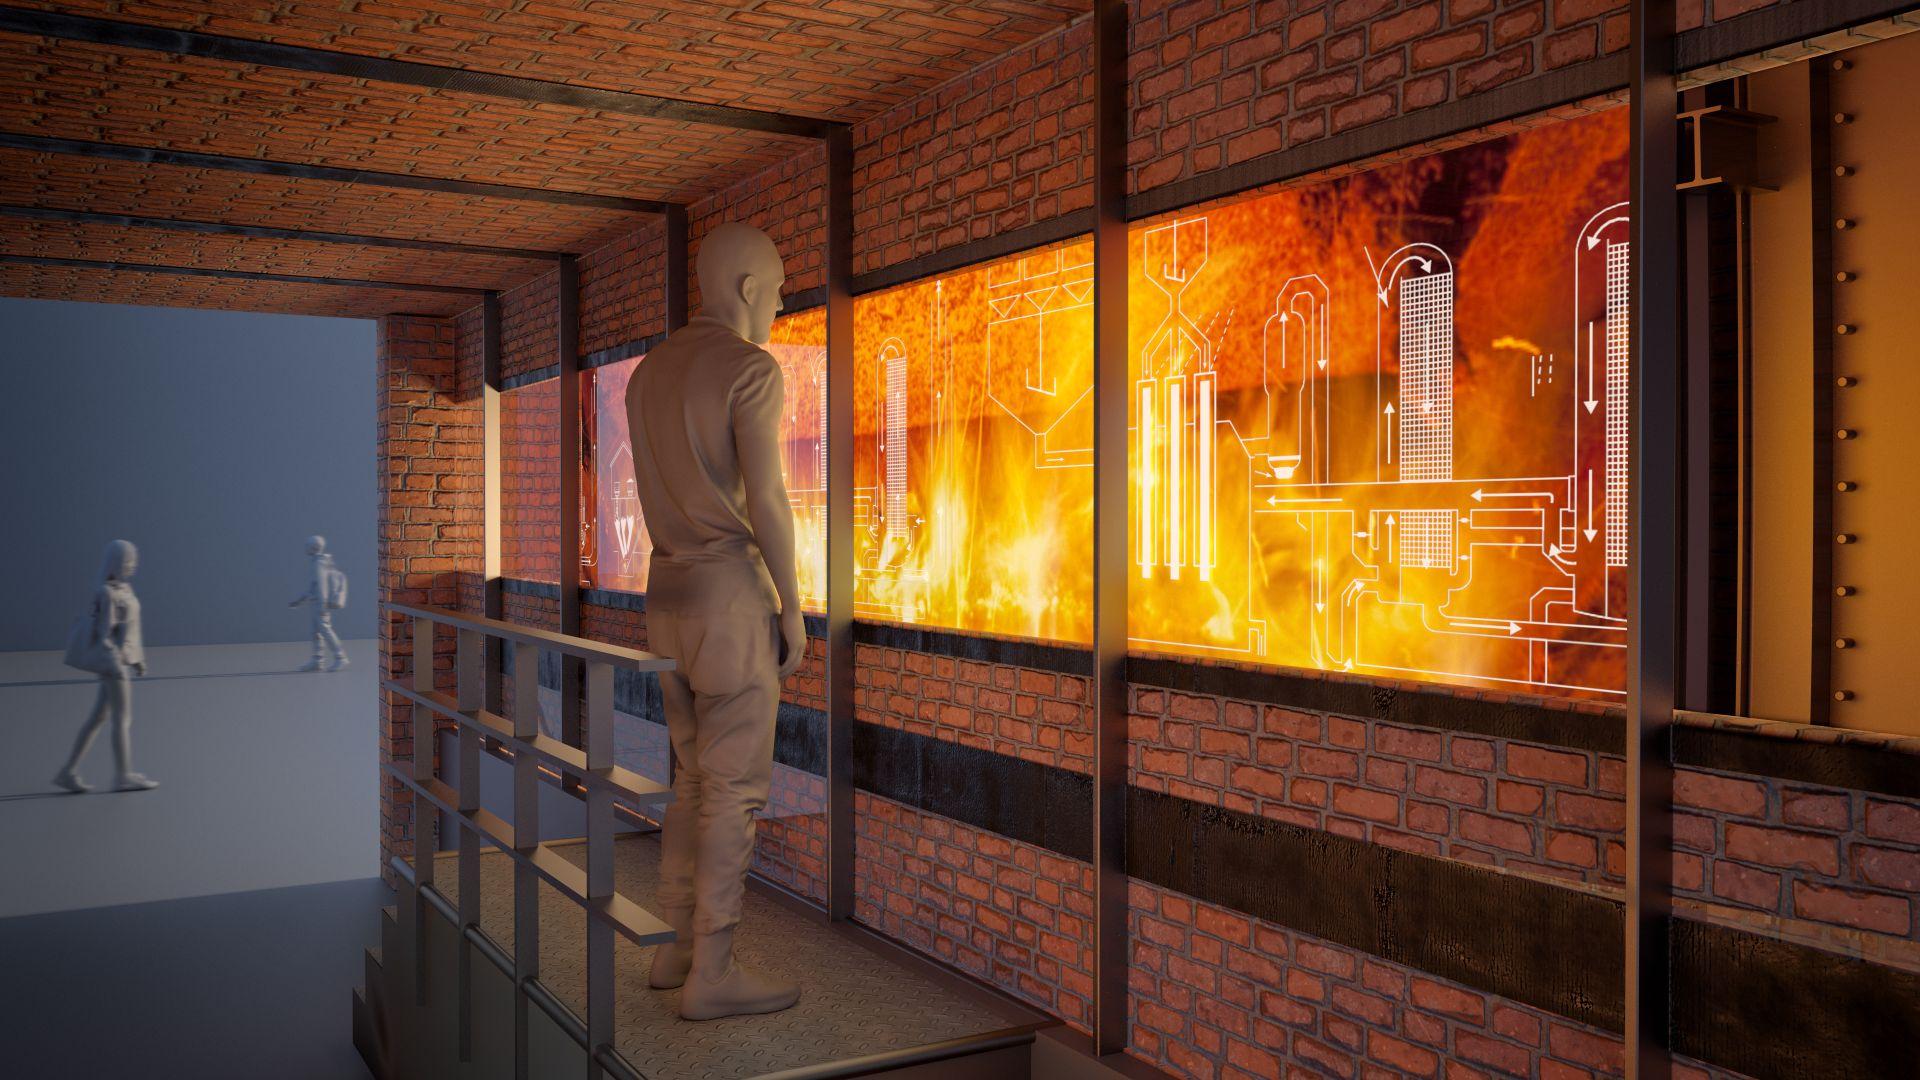 Podpisanie umowy na kompleksowe wykonanie ekspozycji w Muzeum Fabryki Norblina w Warszawie